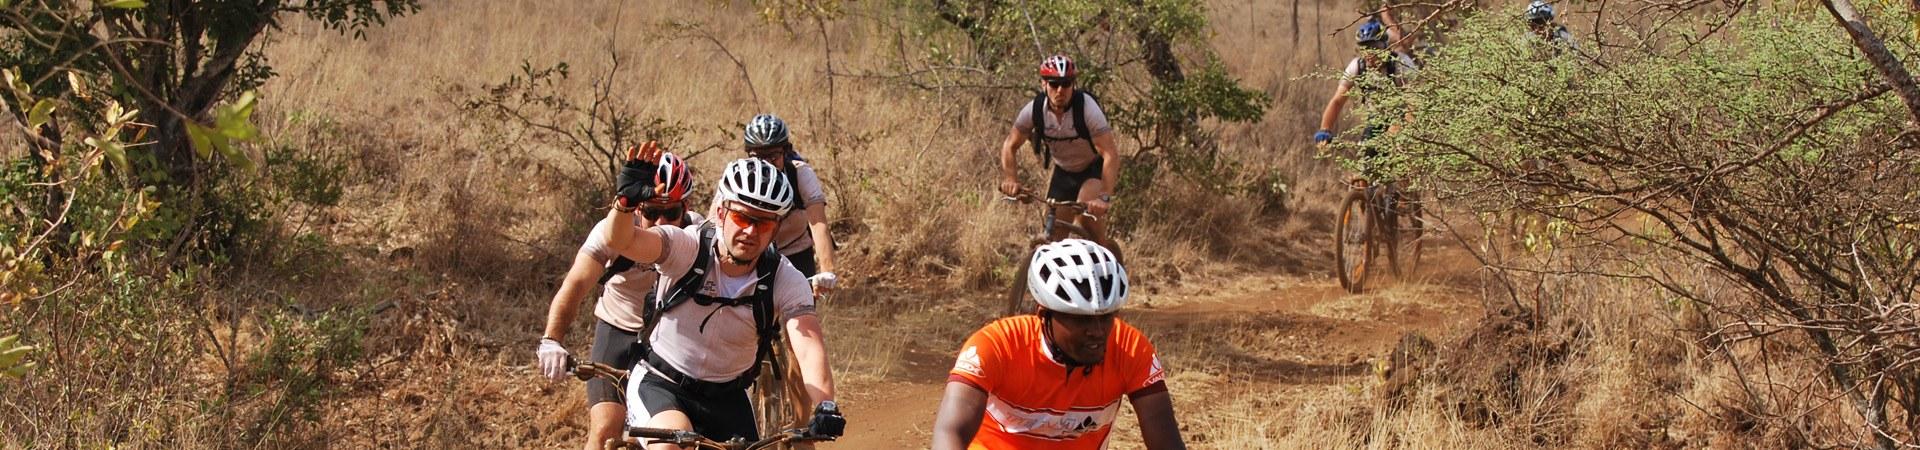 Bikereise MTB Kilimanjaro